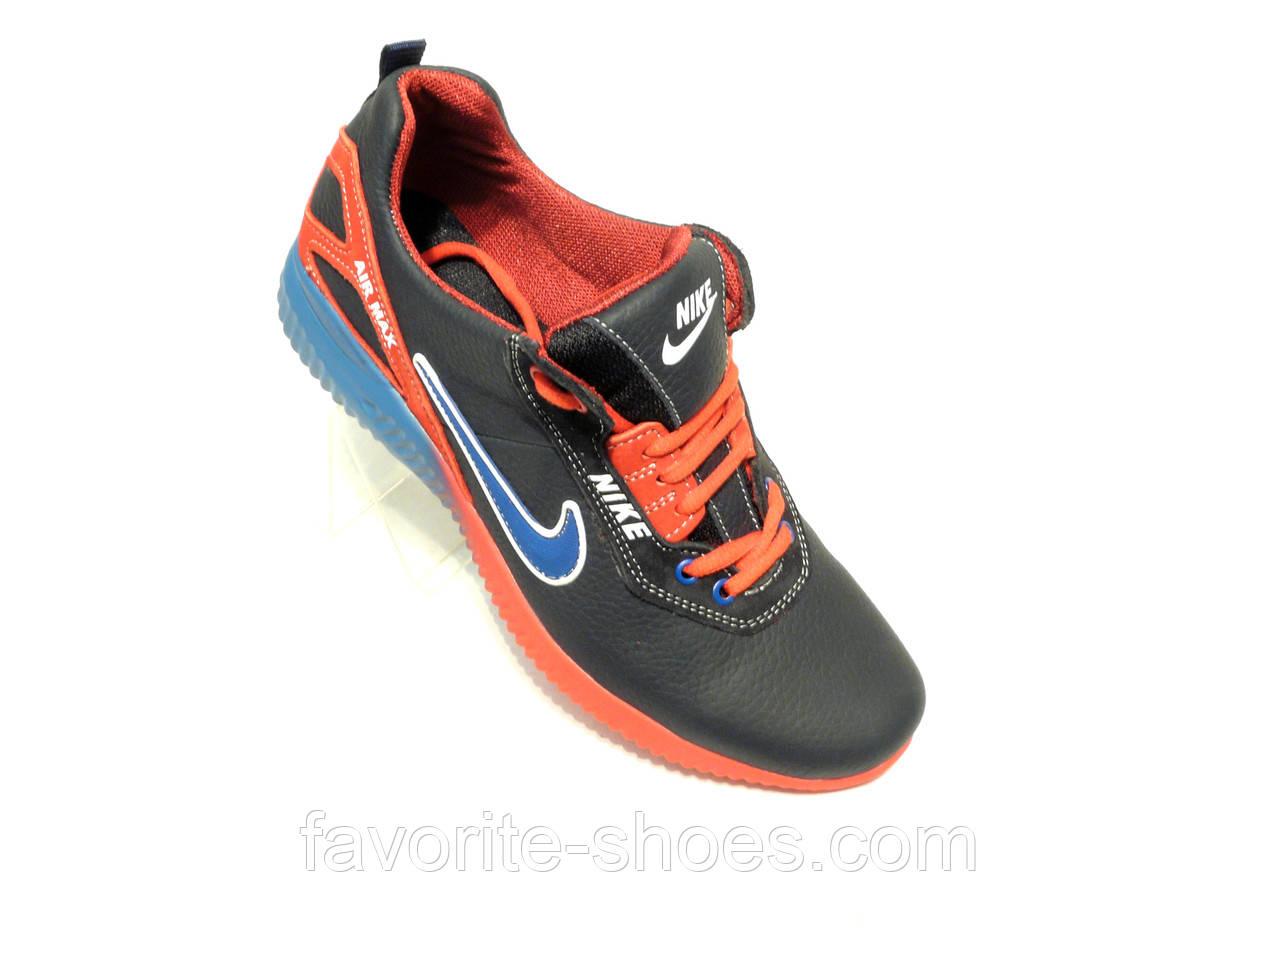 31a6fd5d49e6 Кожаные мужские кроссовки Nike синий - Интернет - магазин